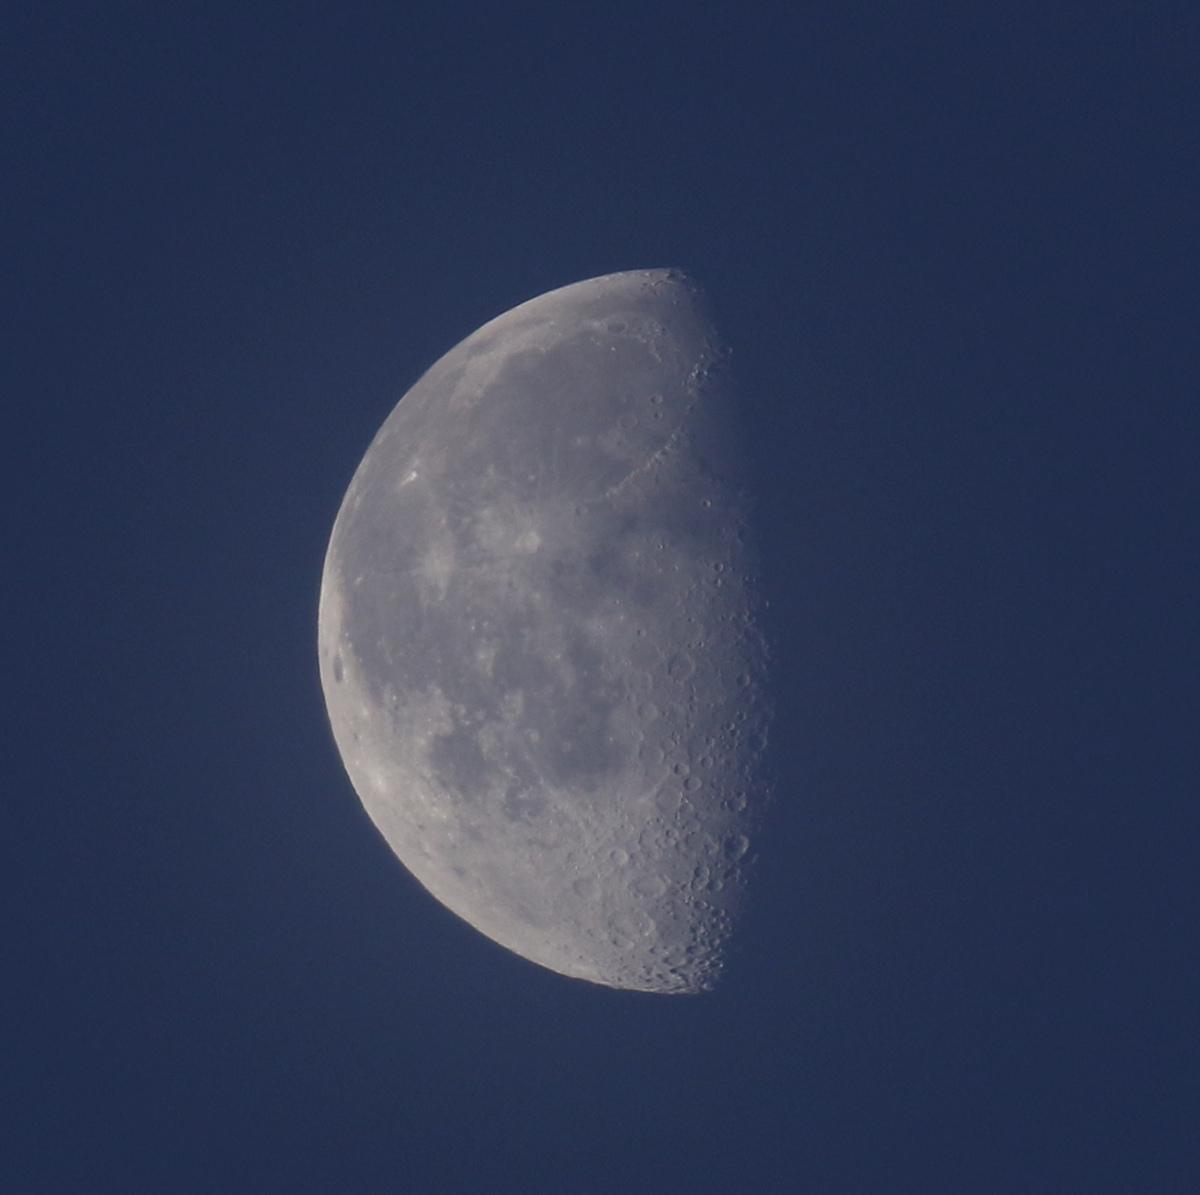 la lune, au matin bleu du 08/03/2018 (39264.JPG)